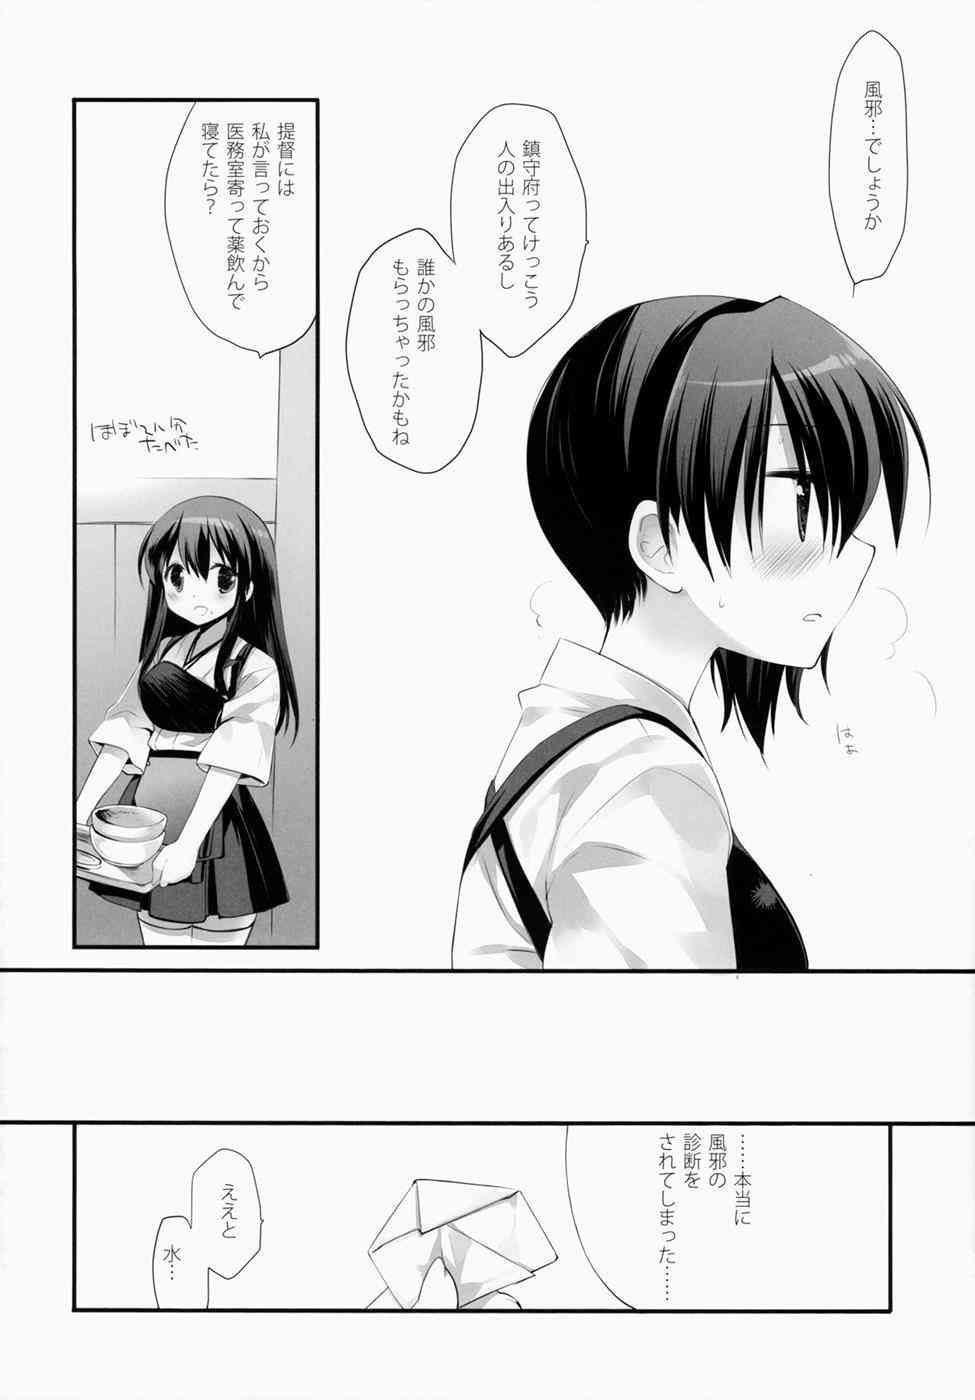 【エロ漫画】風引いて熱っぽくなってる加賀さんがエロかったから見舞いのつもりがセックスしちゃった!